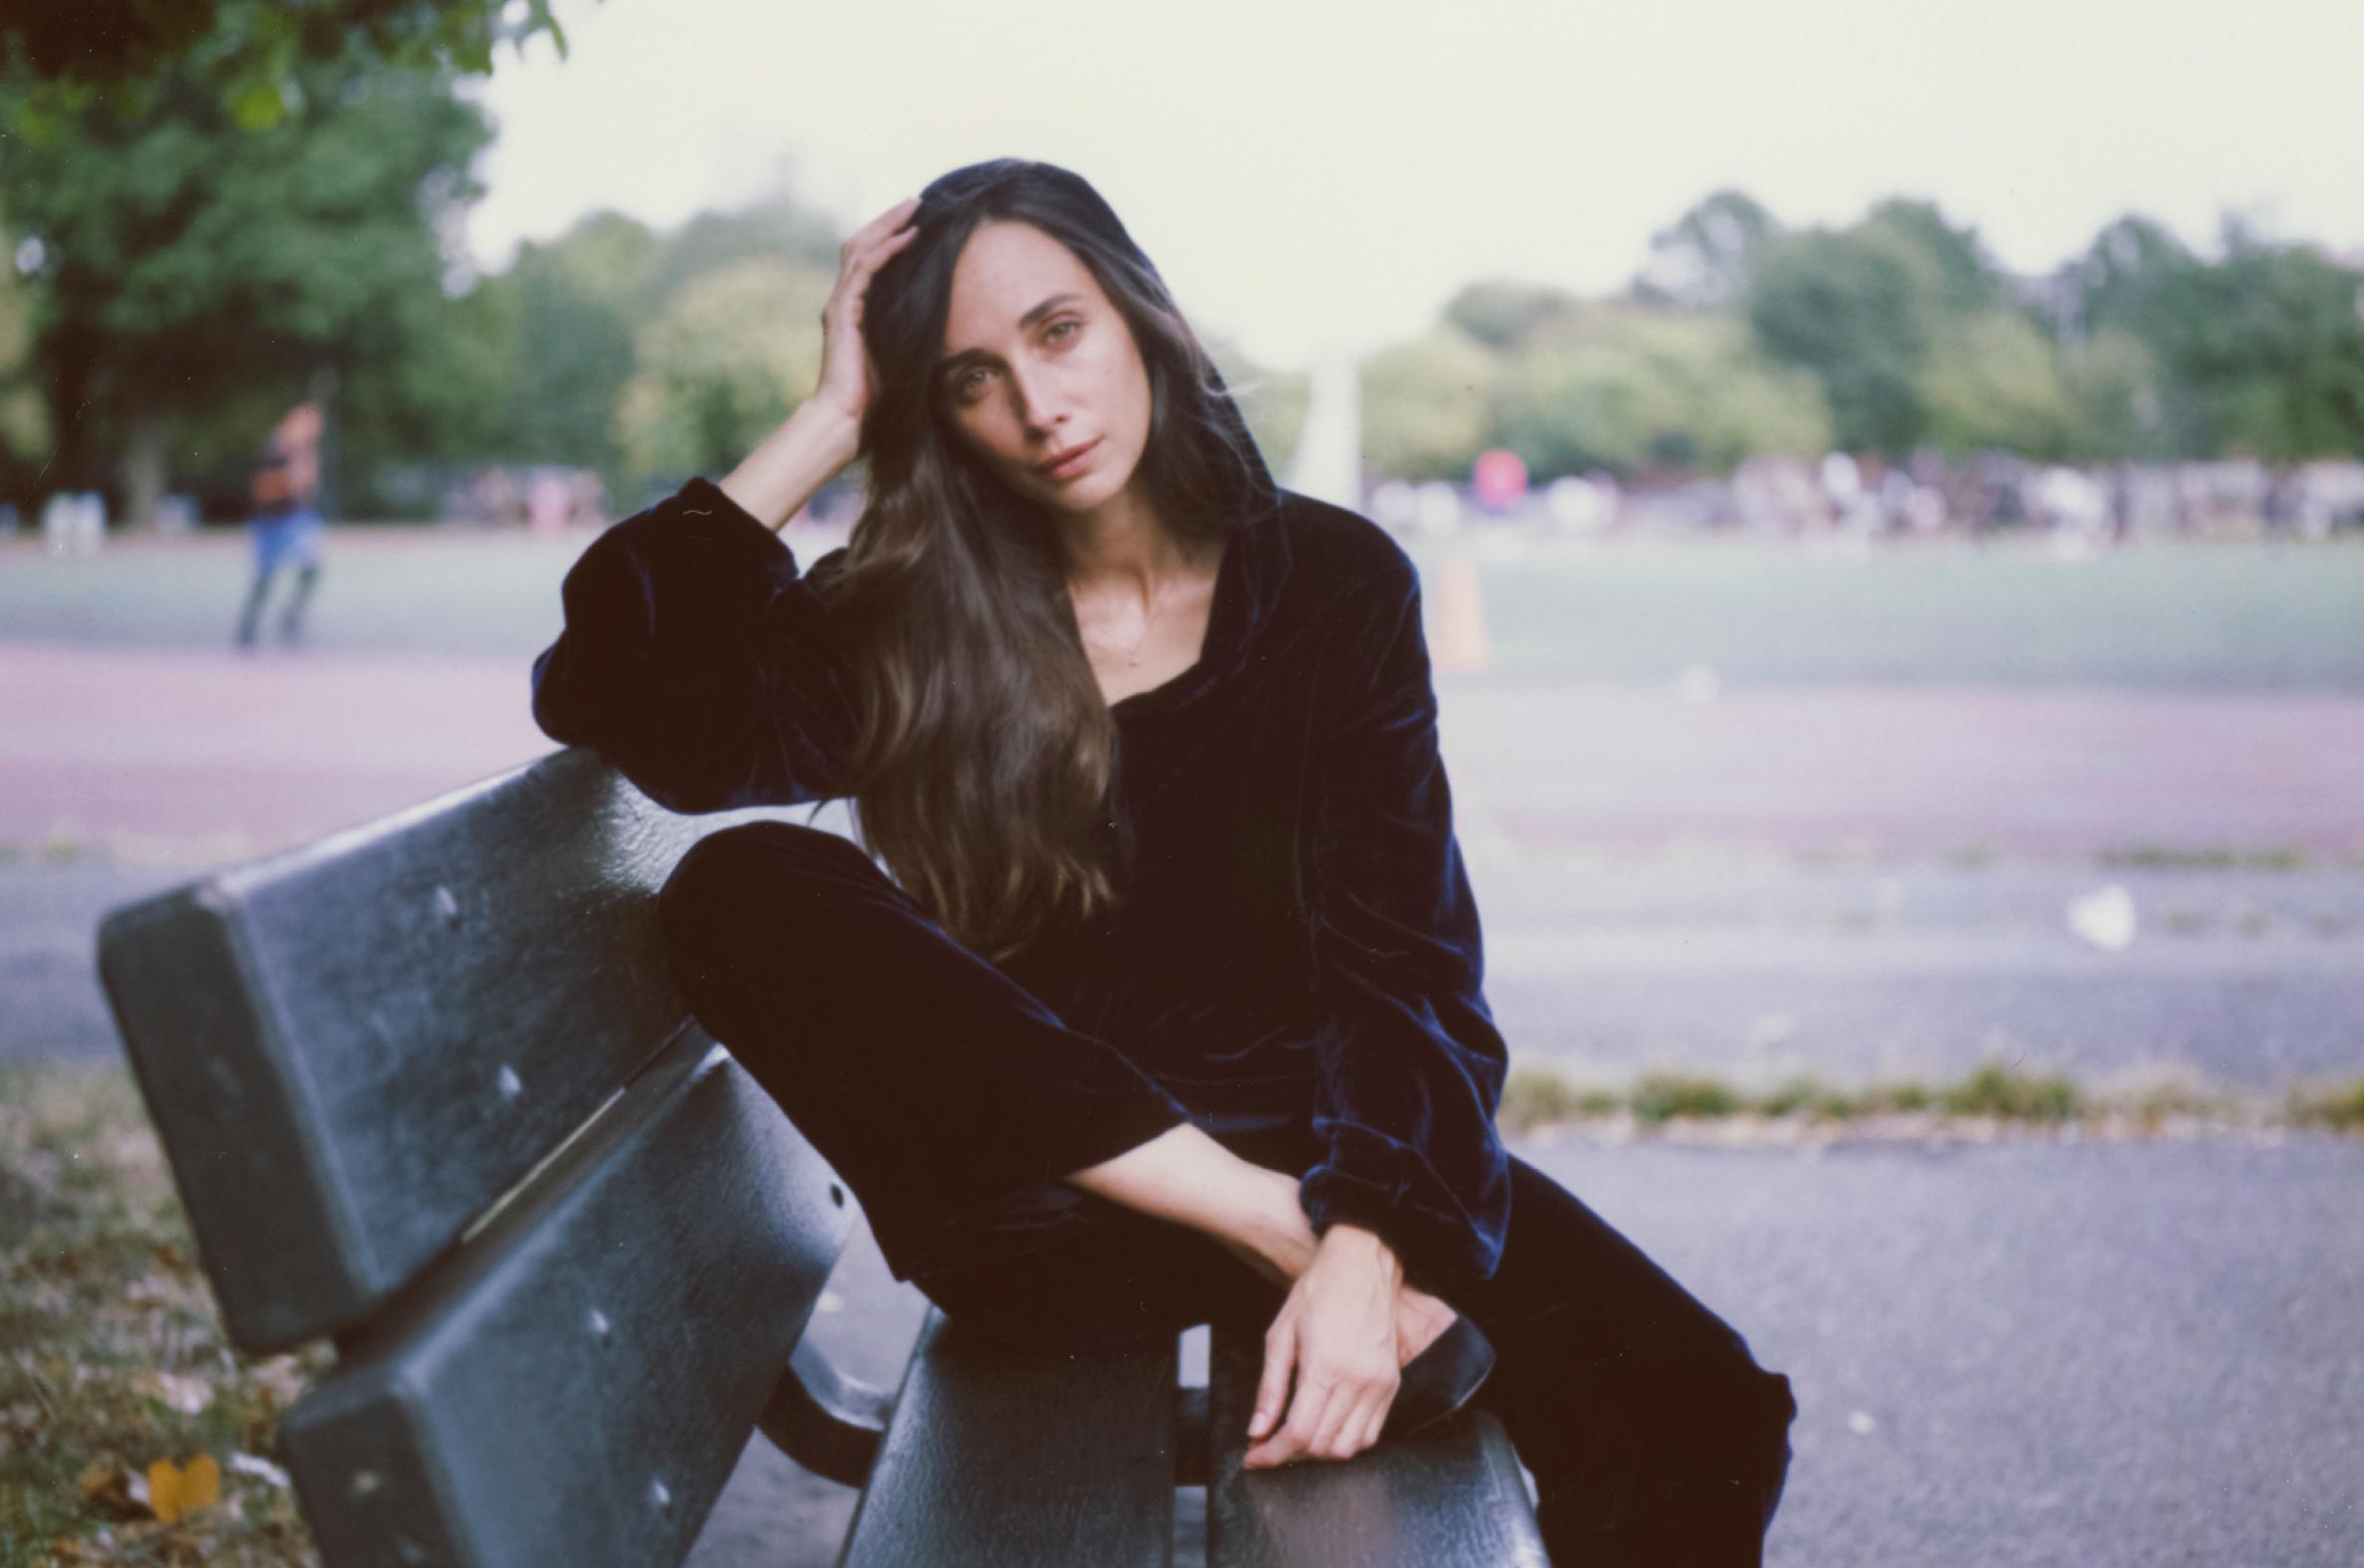 ICloud Rebecca Dayan nude photos 2019